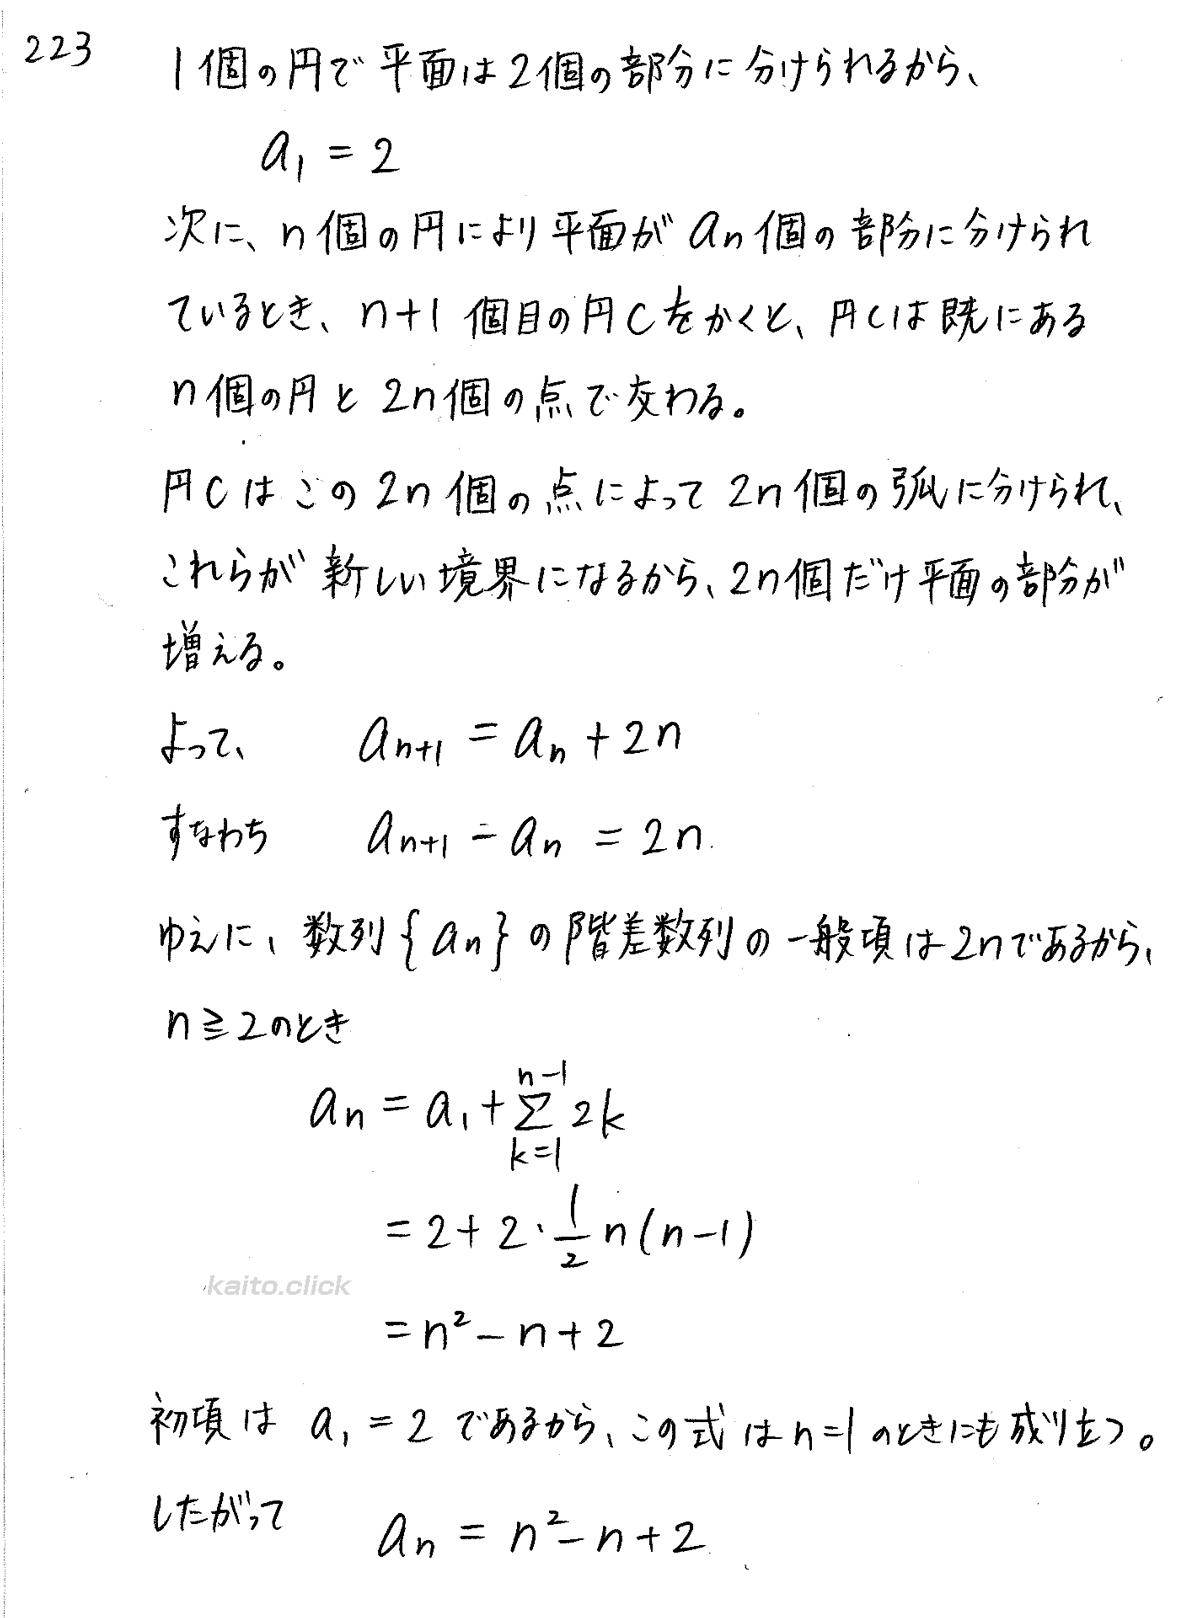 クリアー数学B-223解答